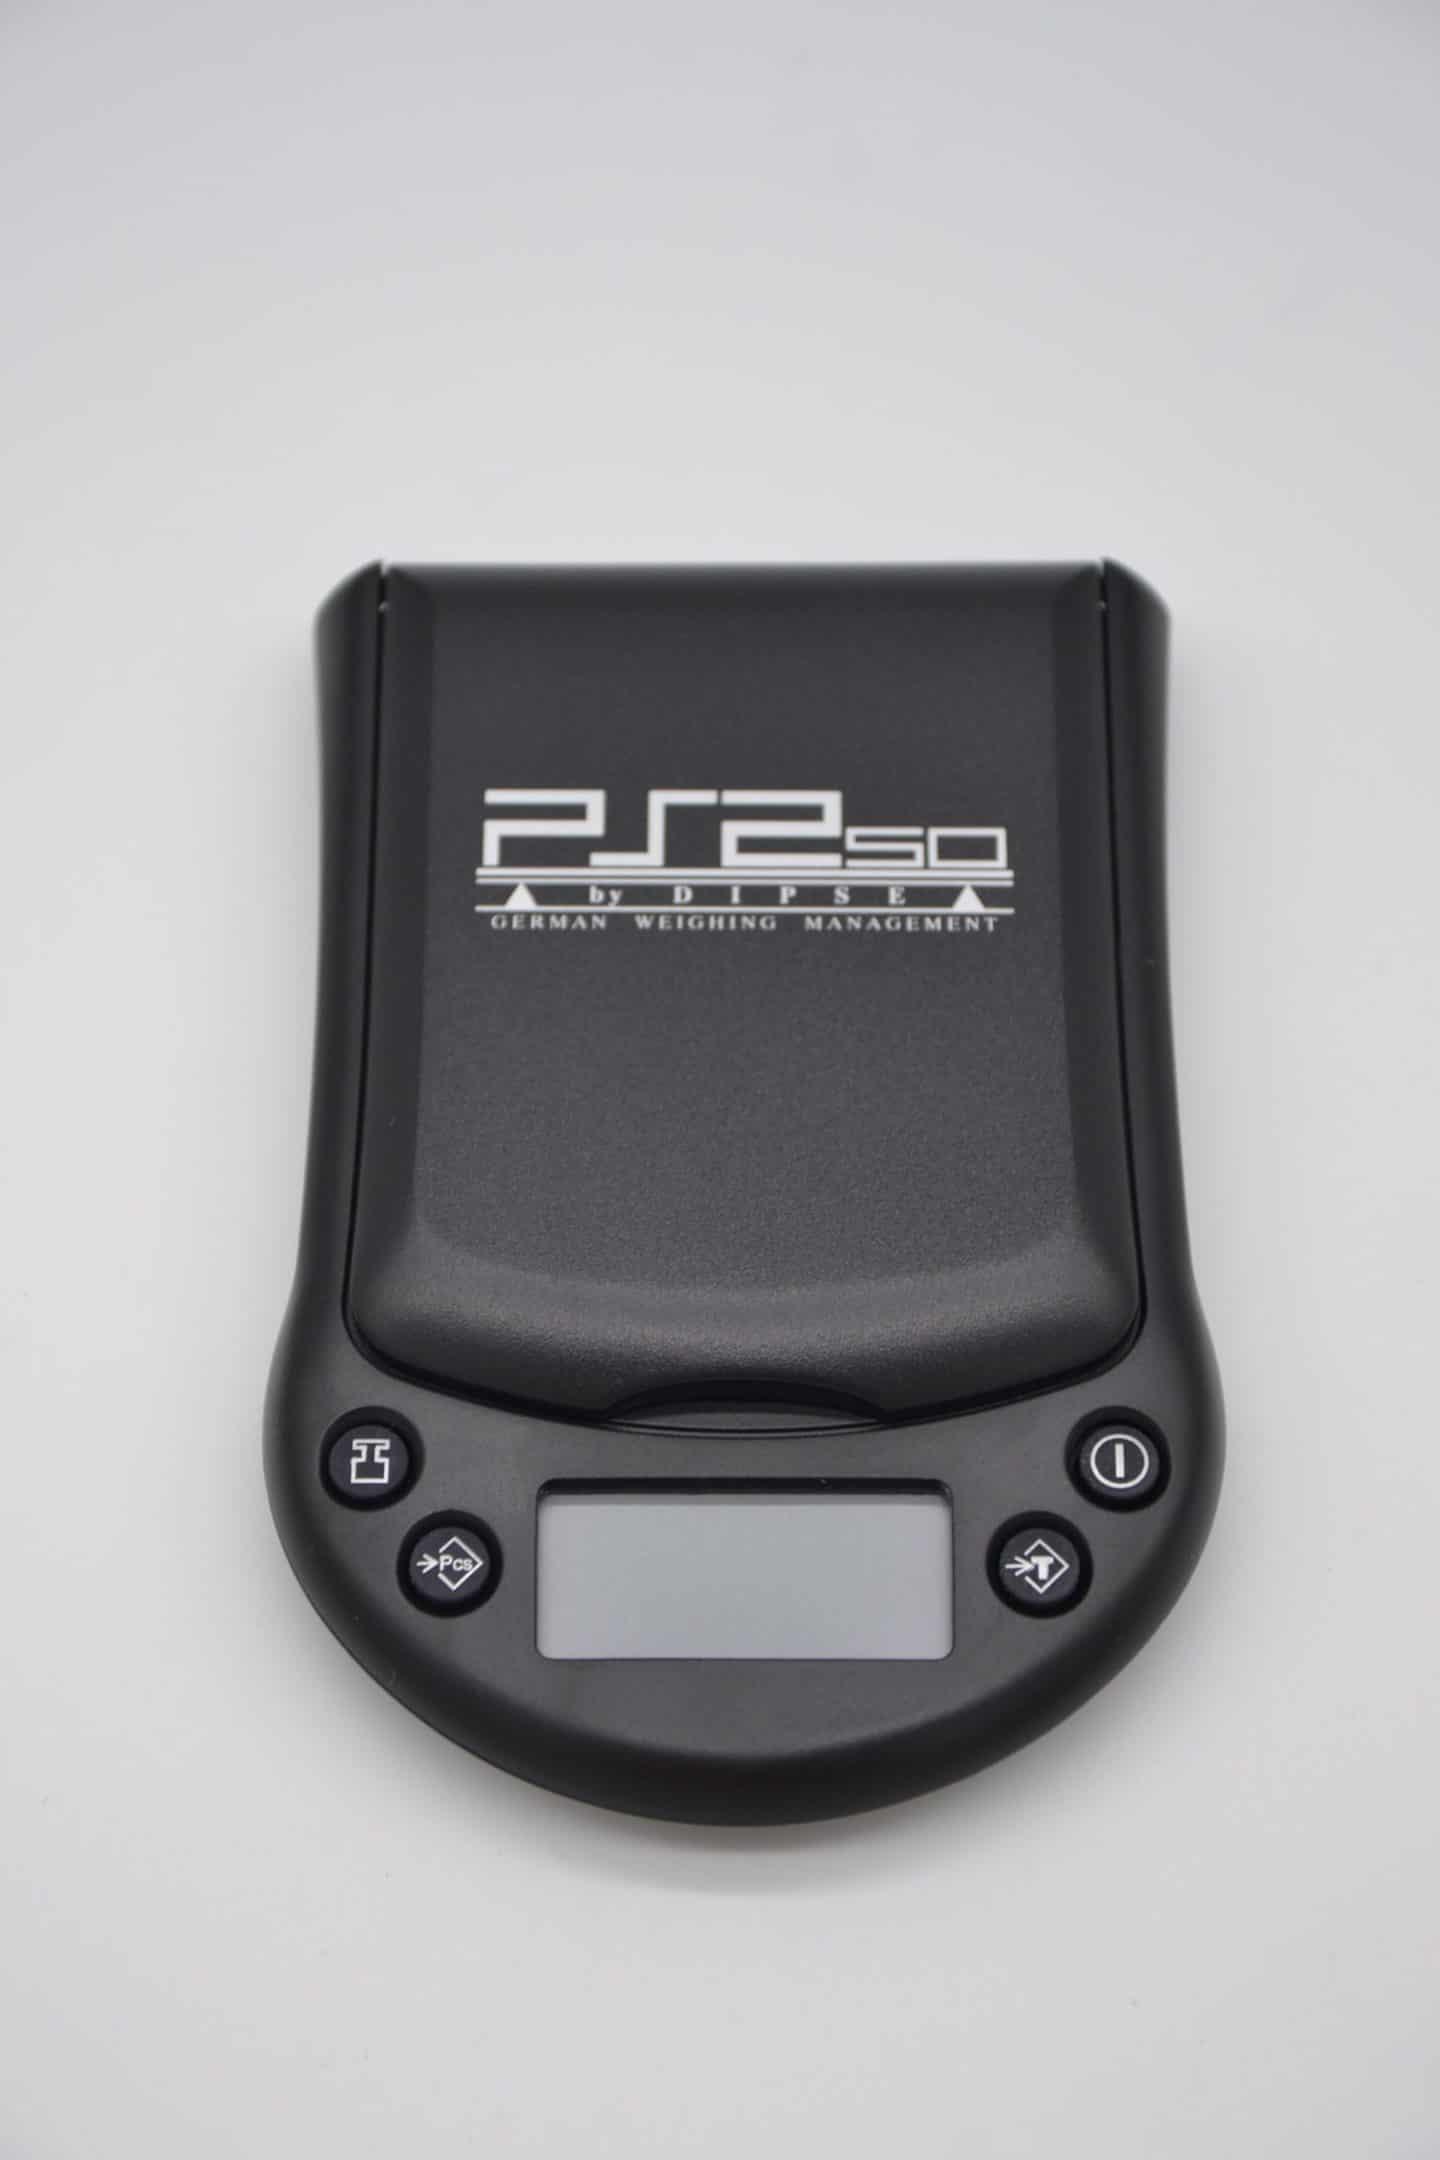 Digitalwaage PS 250